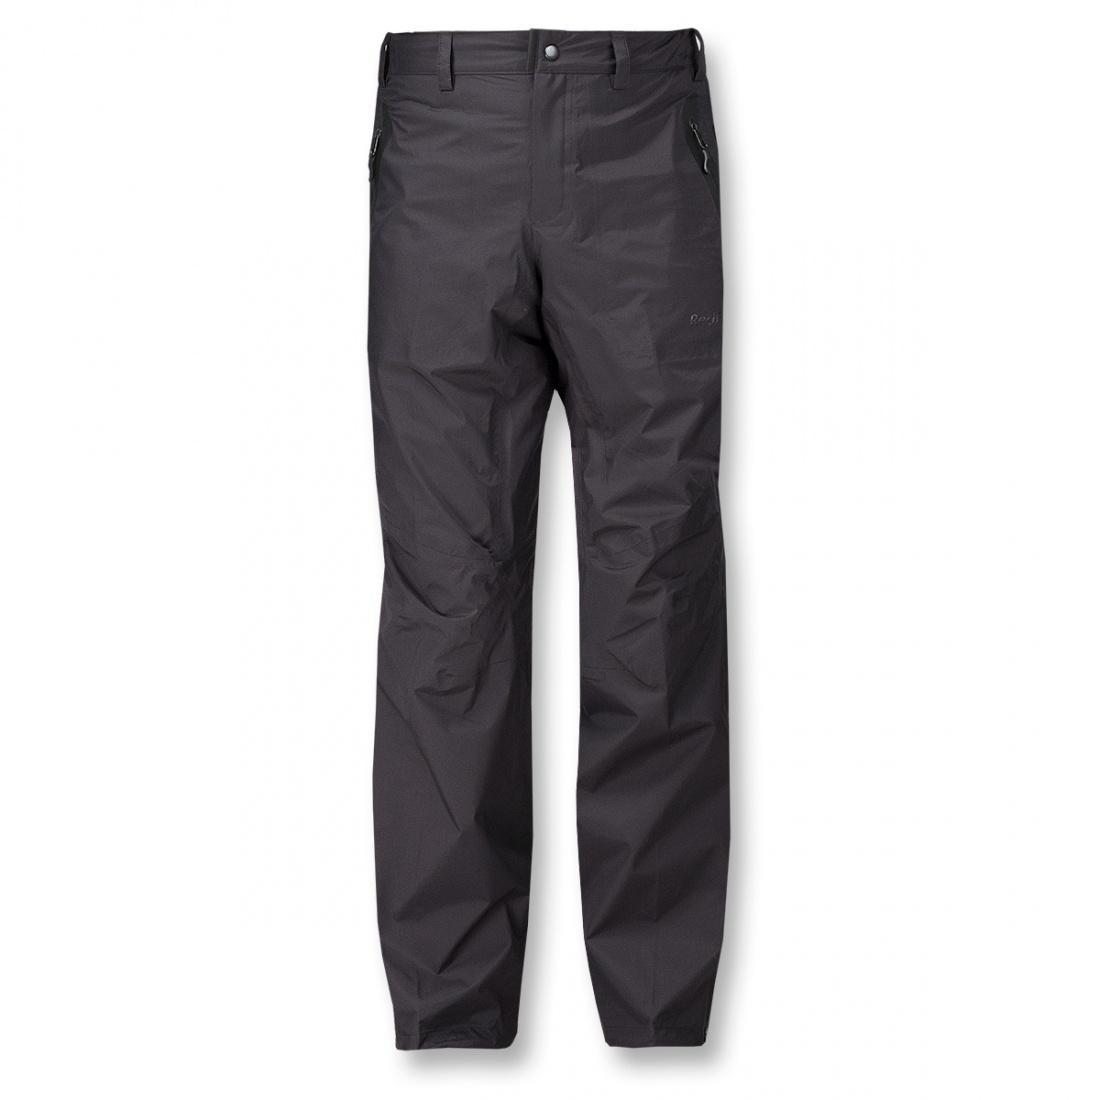 Брюки ветрозащитные Kara-Su 08Брюки, штаны<br>Очень легкие современные штормовые брюки Red Fox Kara-Su 08 из серии Nordic Style, помещающиеся даже в карман куртки, созданы в дополнение к куртке &lt;a href=/...<br><br>Цвет: Черный<br>Размер: 56